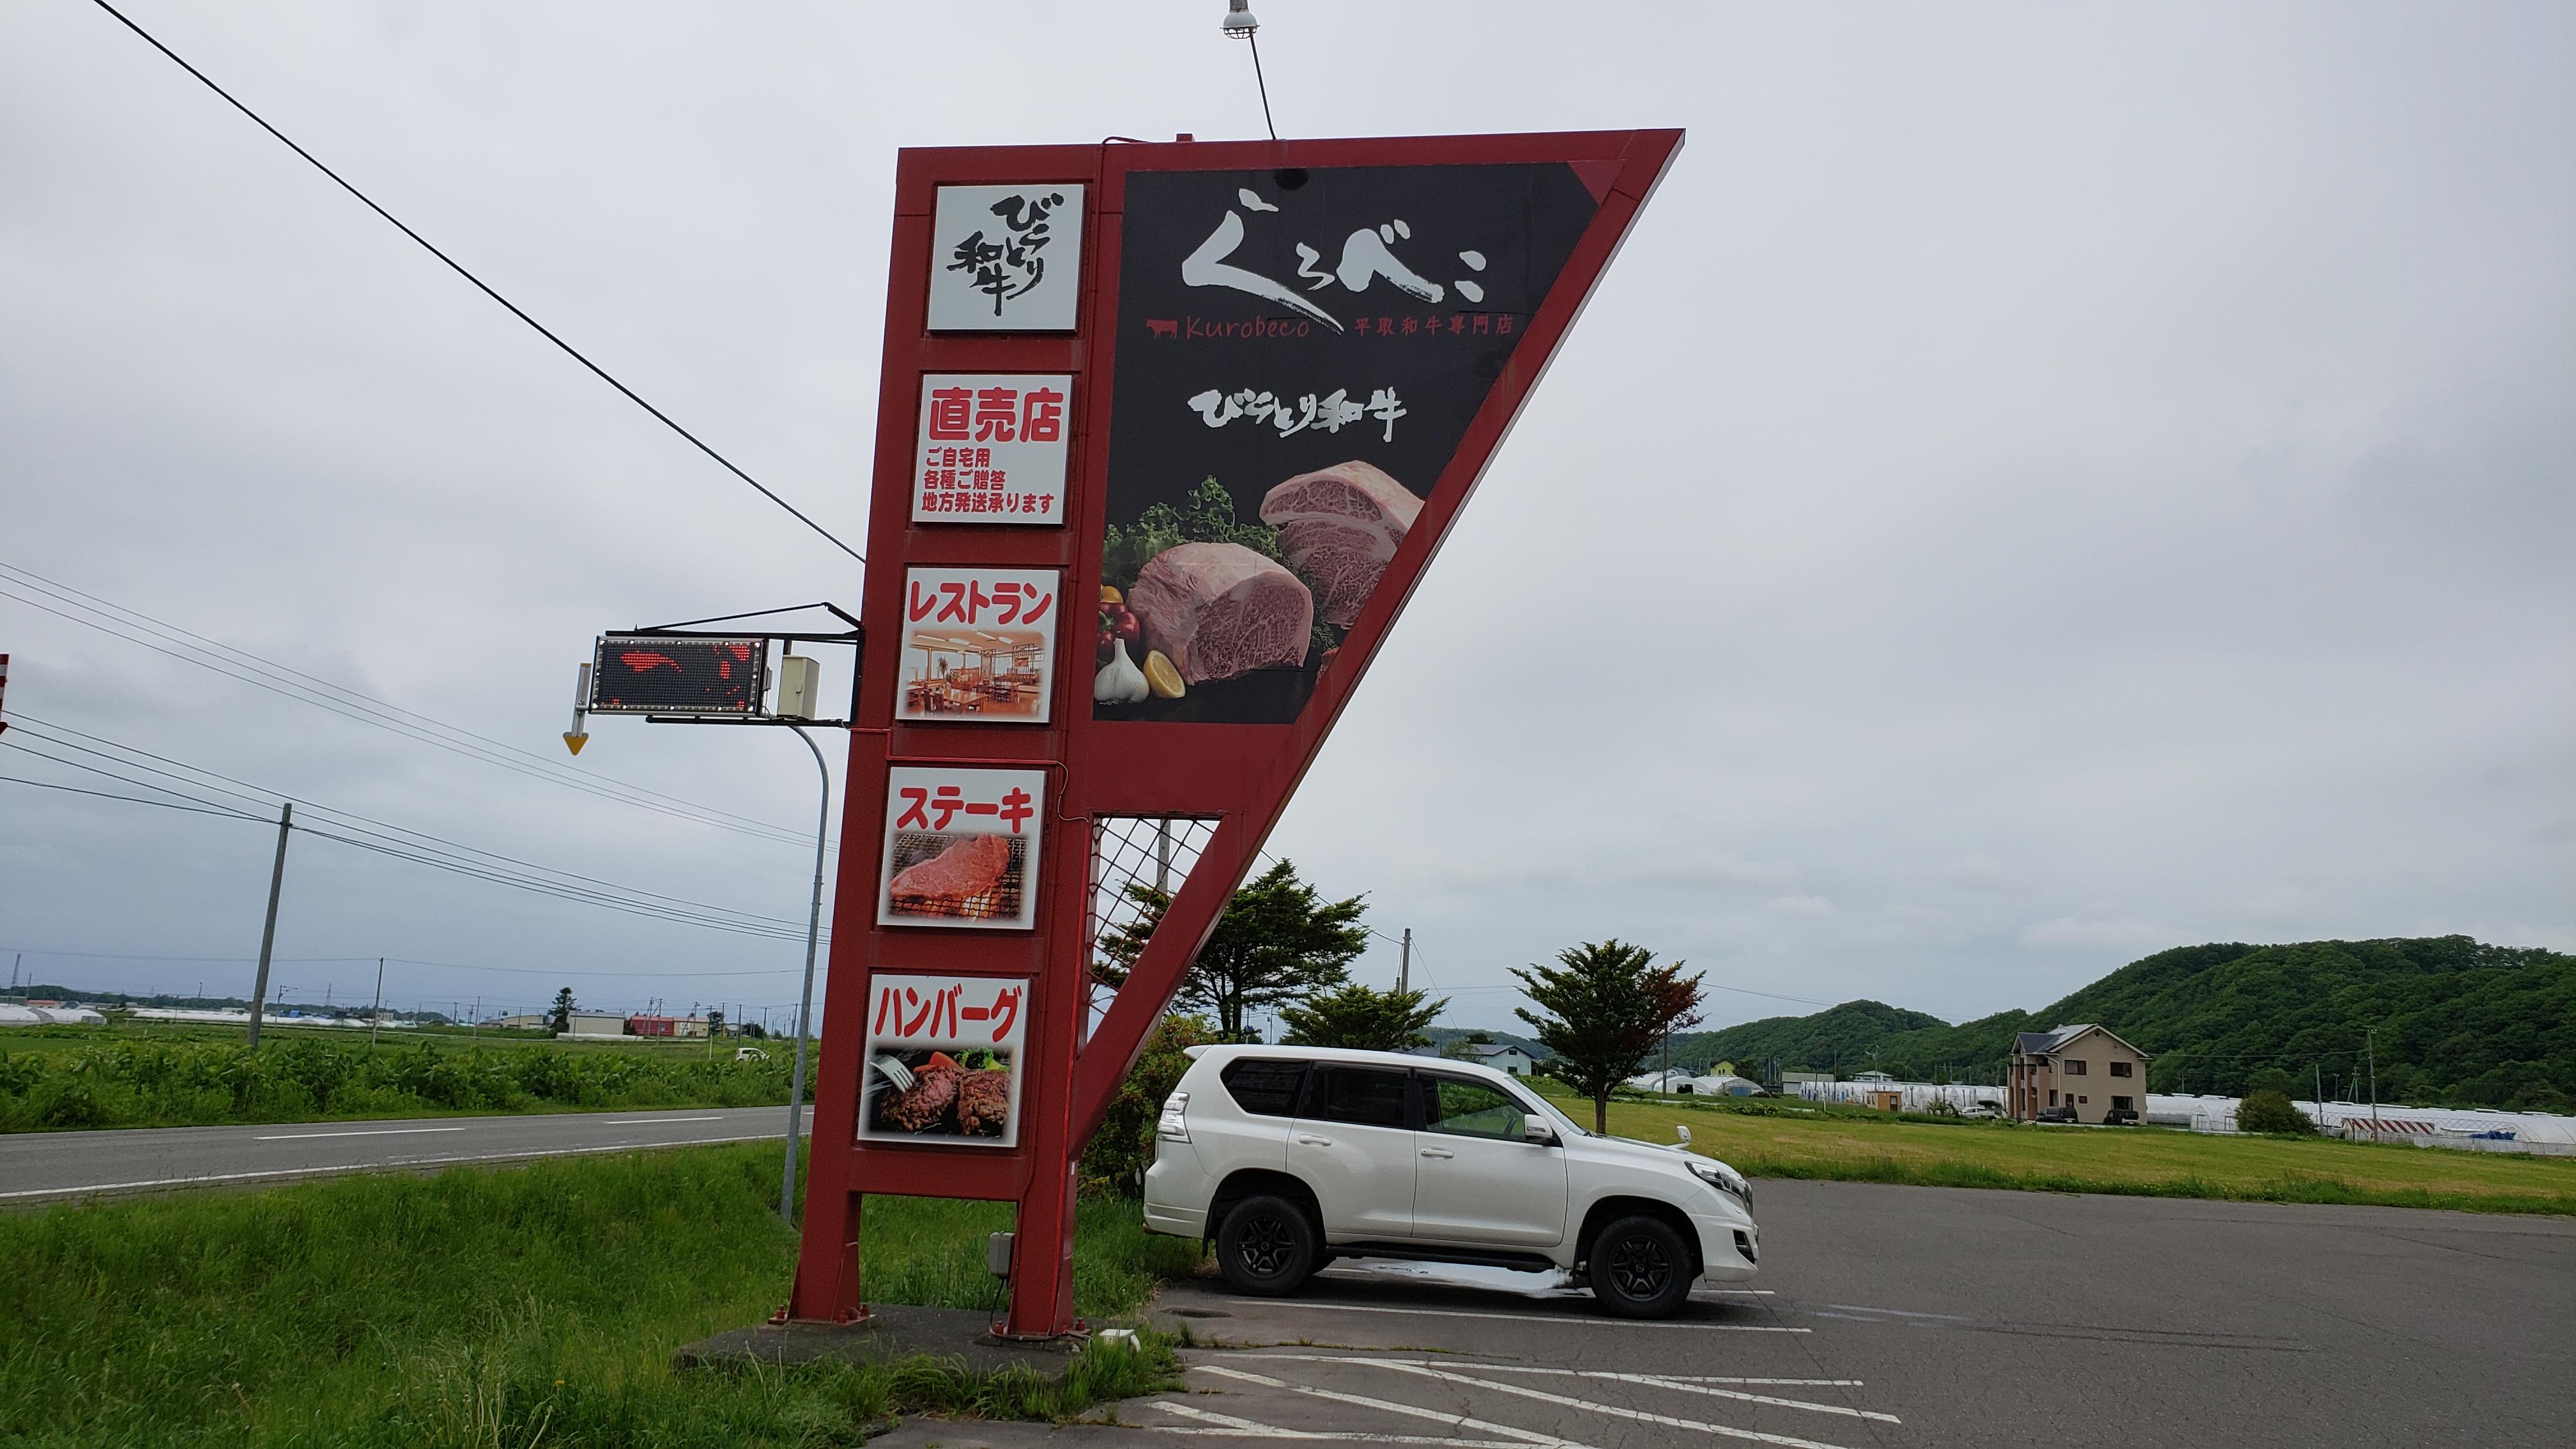 GalaxyS9+で撮影しながら北海道ドライブ平取町